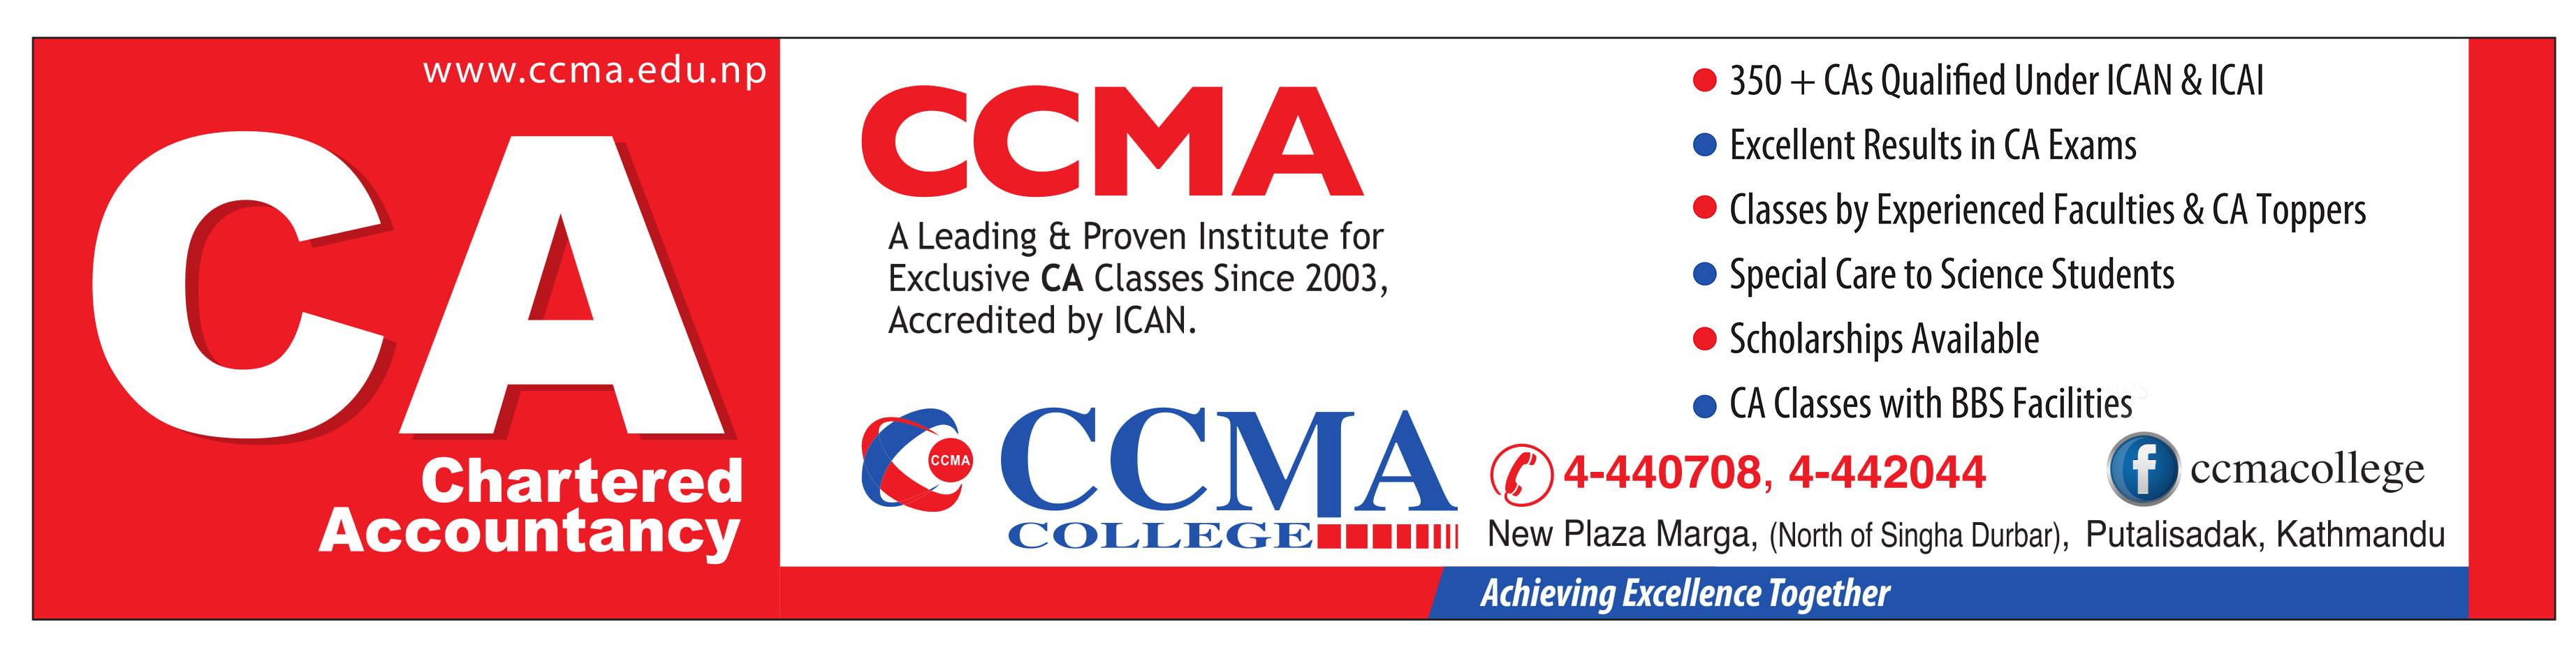 CCMA College